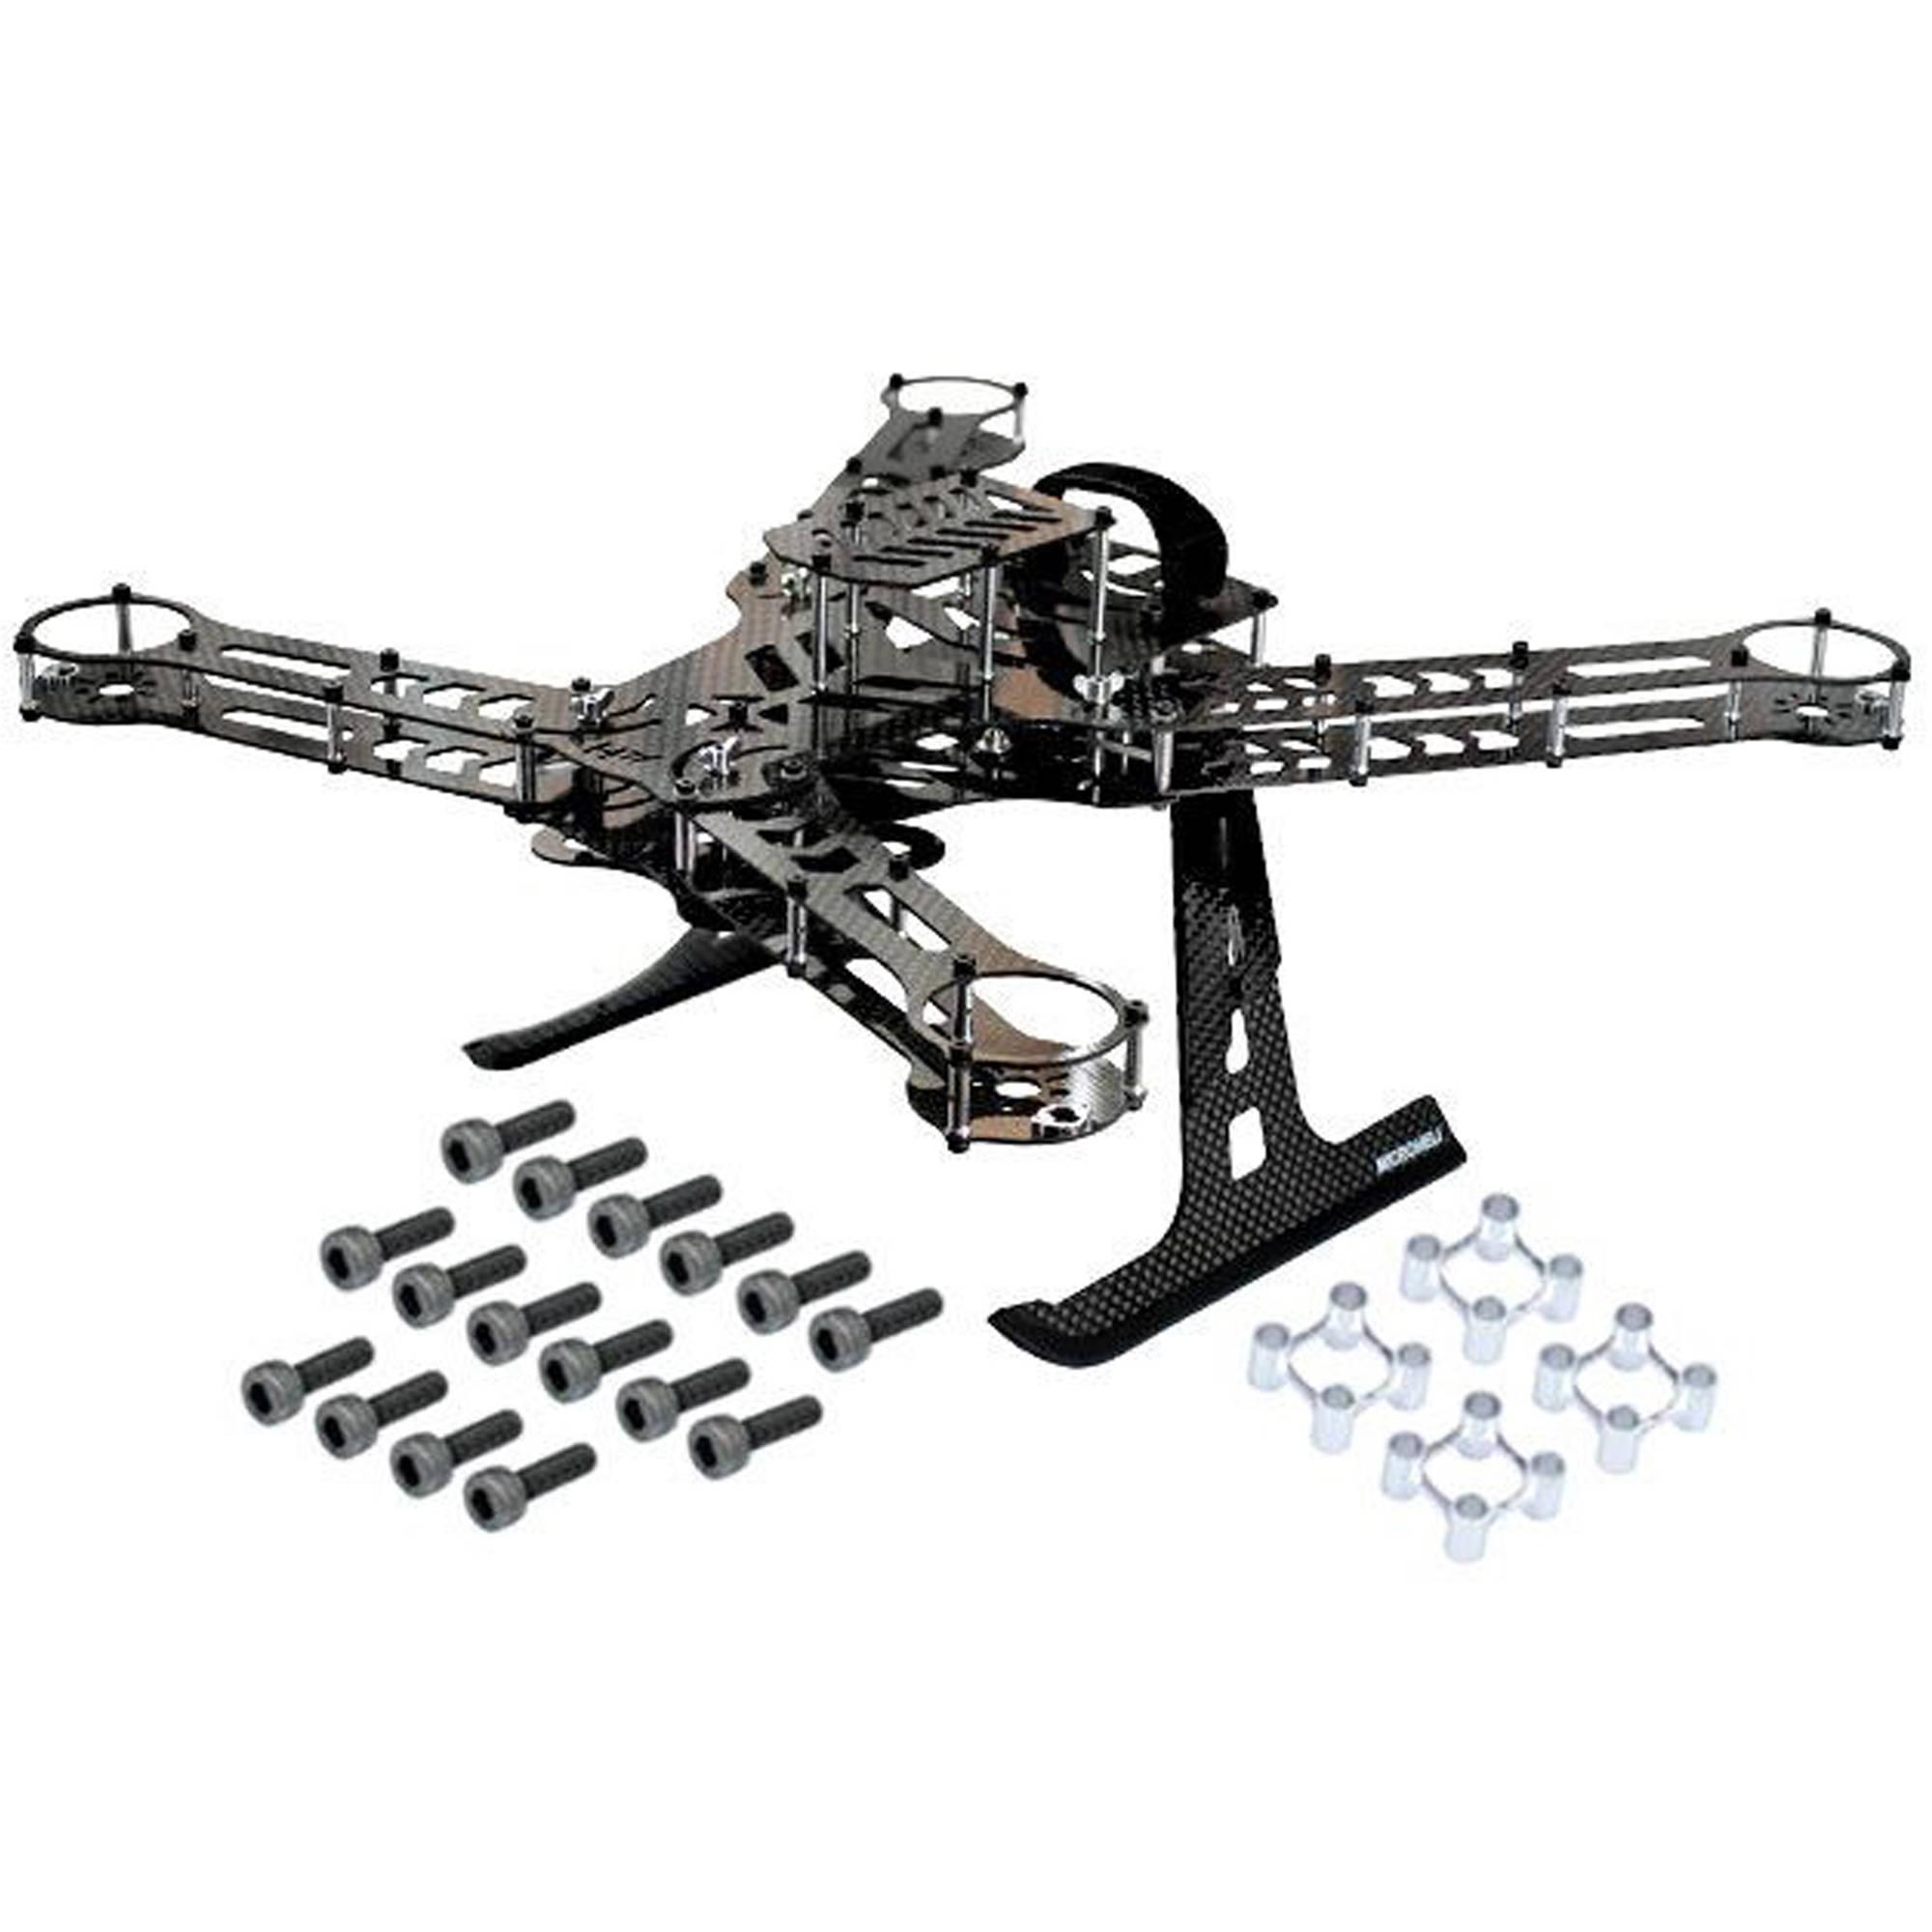 MICROHELI CNC Aluminum/Carbon Fiber Frame Kit MHE35QX005QK B&H